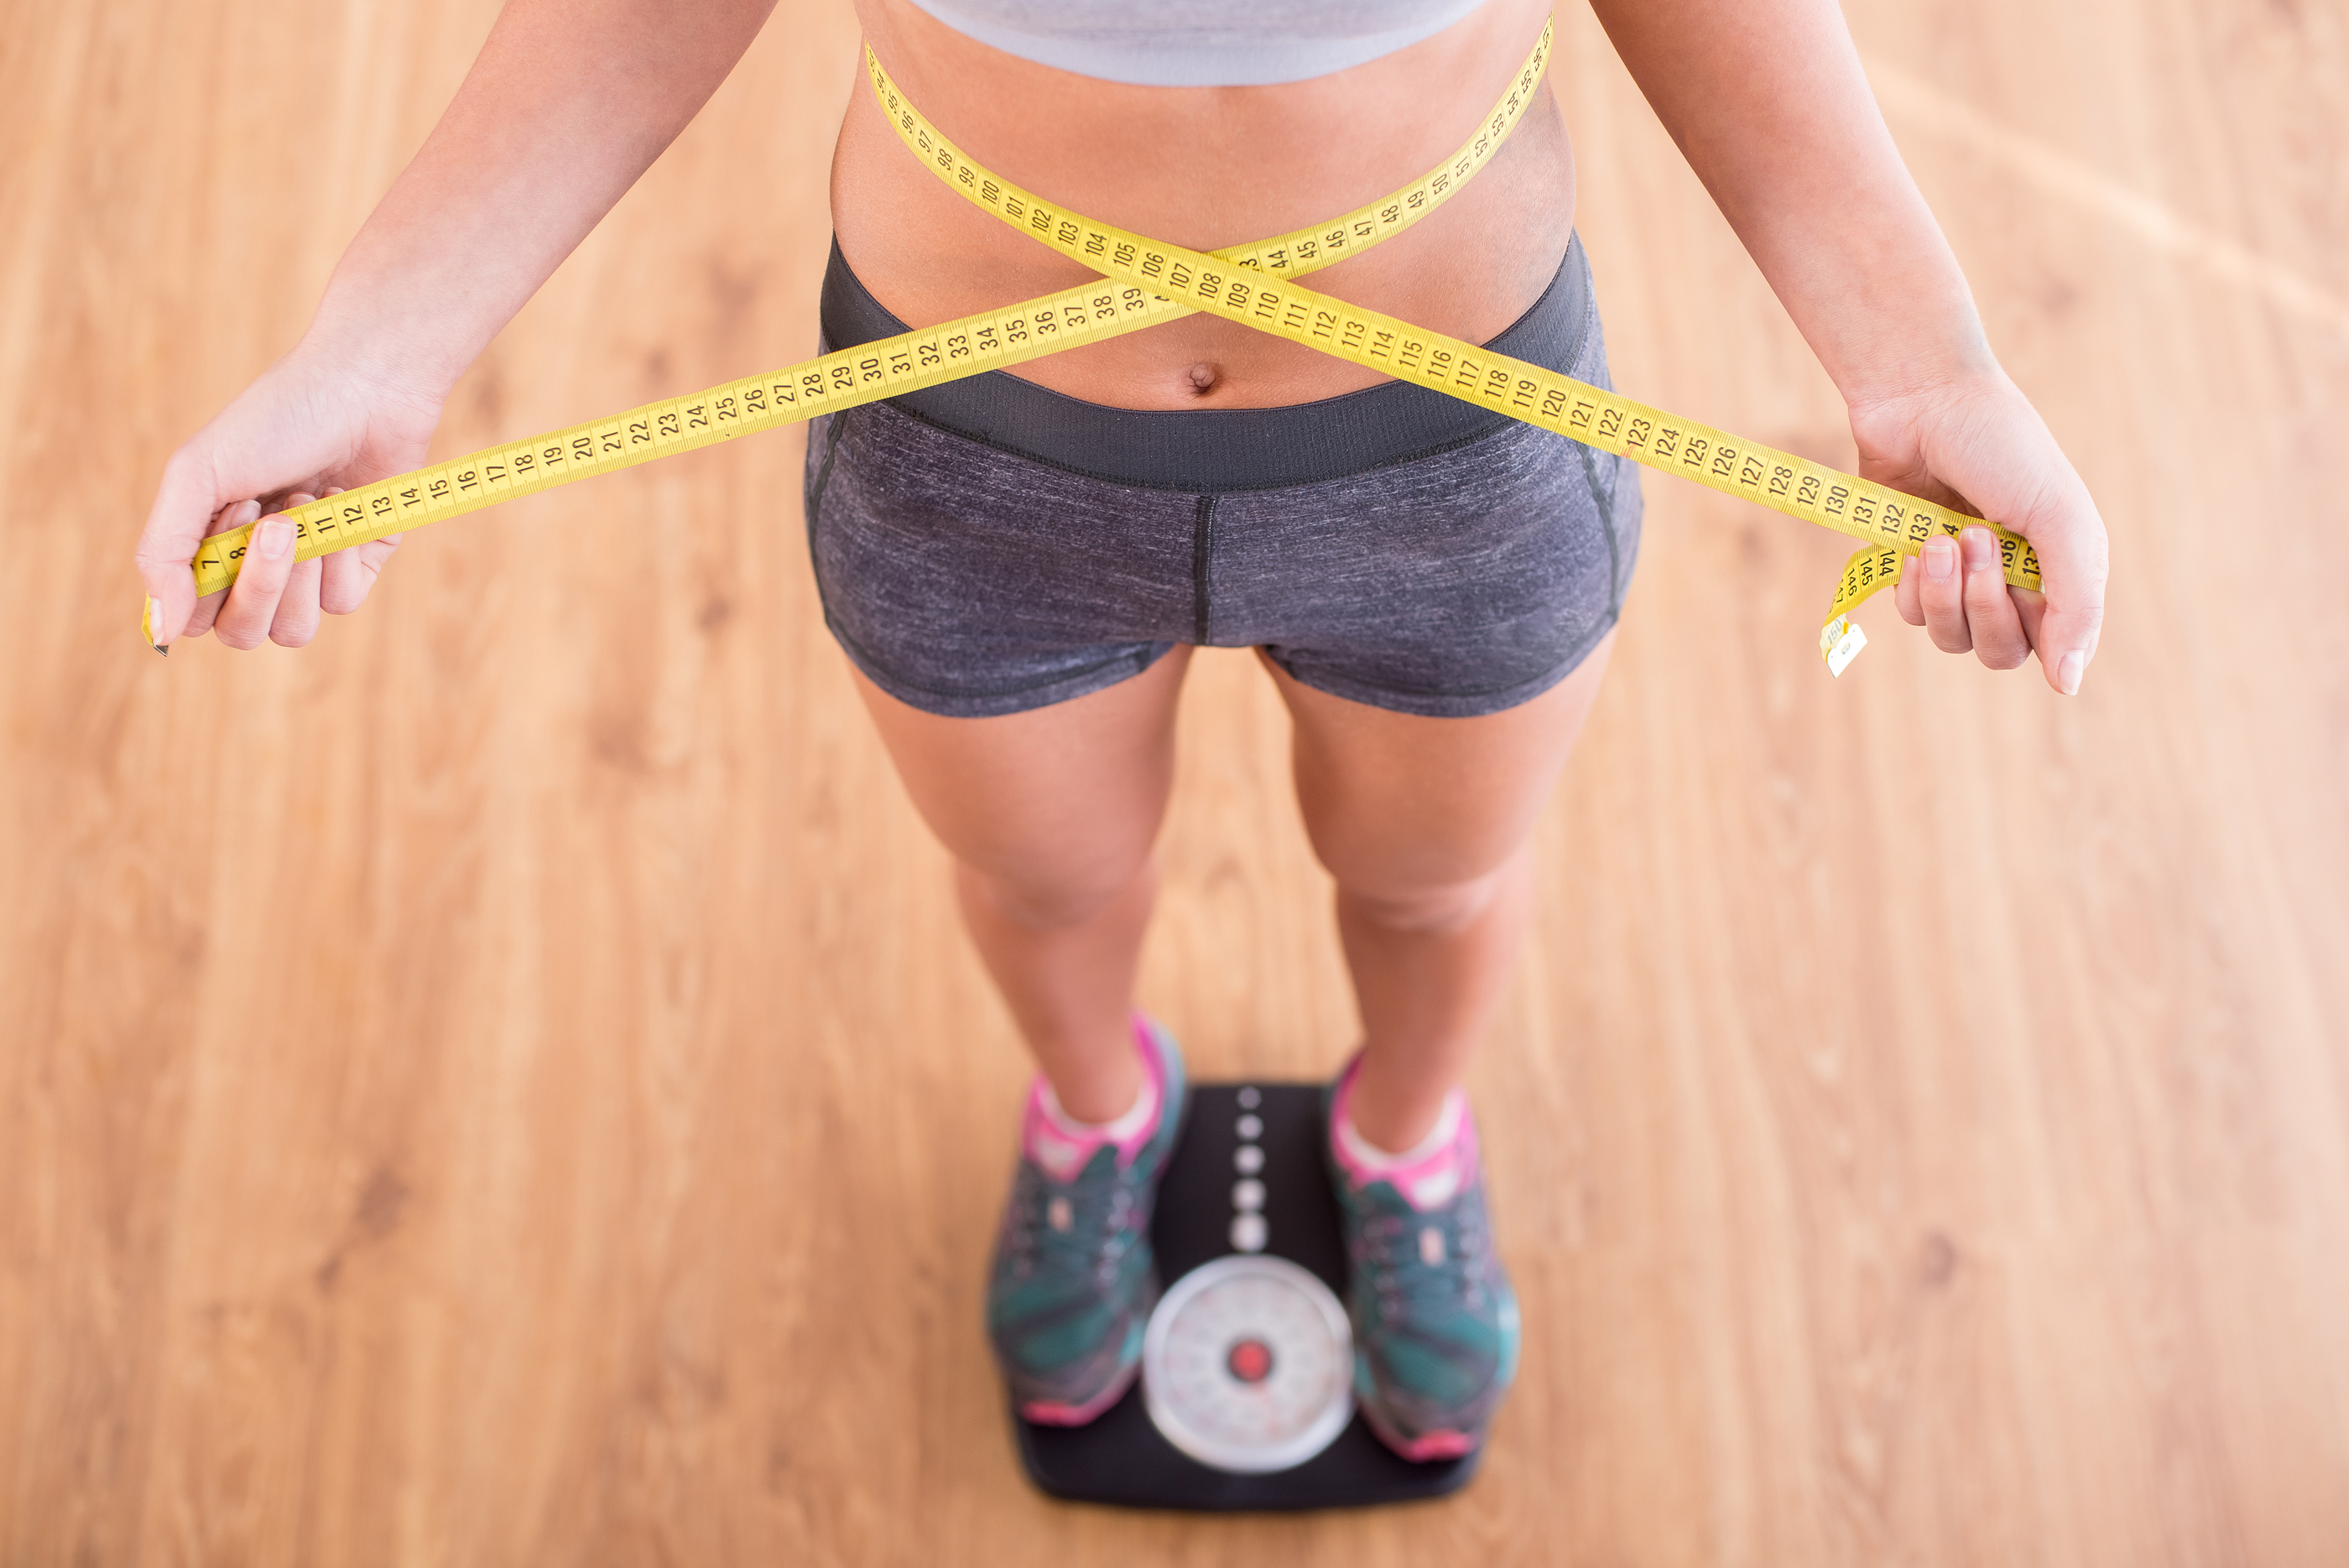 Как Само Эффективно Сбросить Вес. Сбросить лишний вес? Мы расскажем, как это сделать!